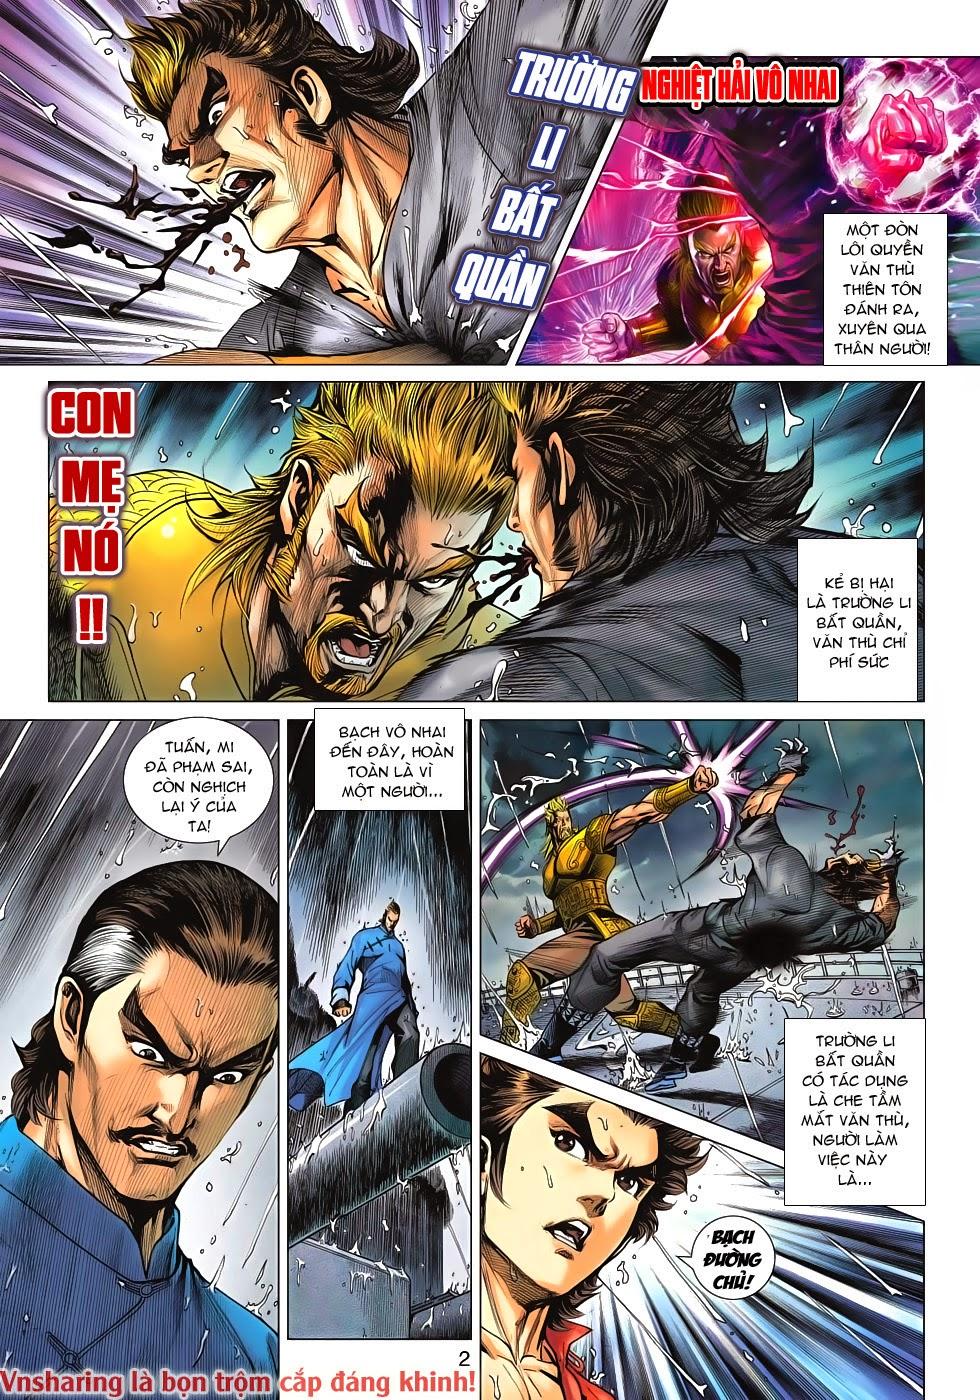 Tân Tác Long Hổ Môn Chap 606 page 2 - Truyentranhaz.net